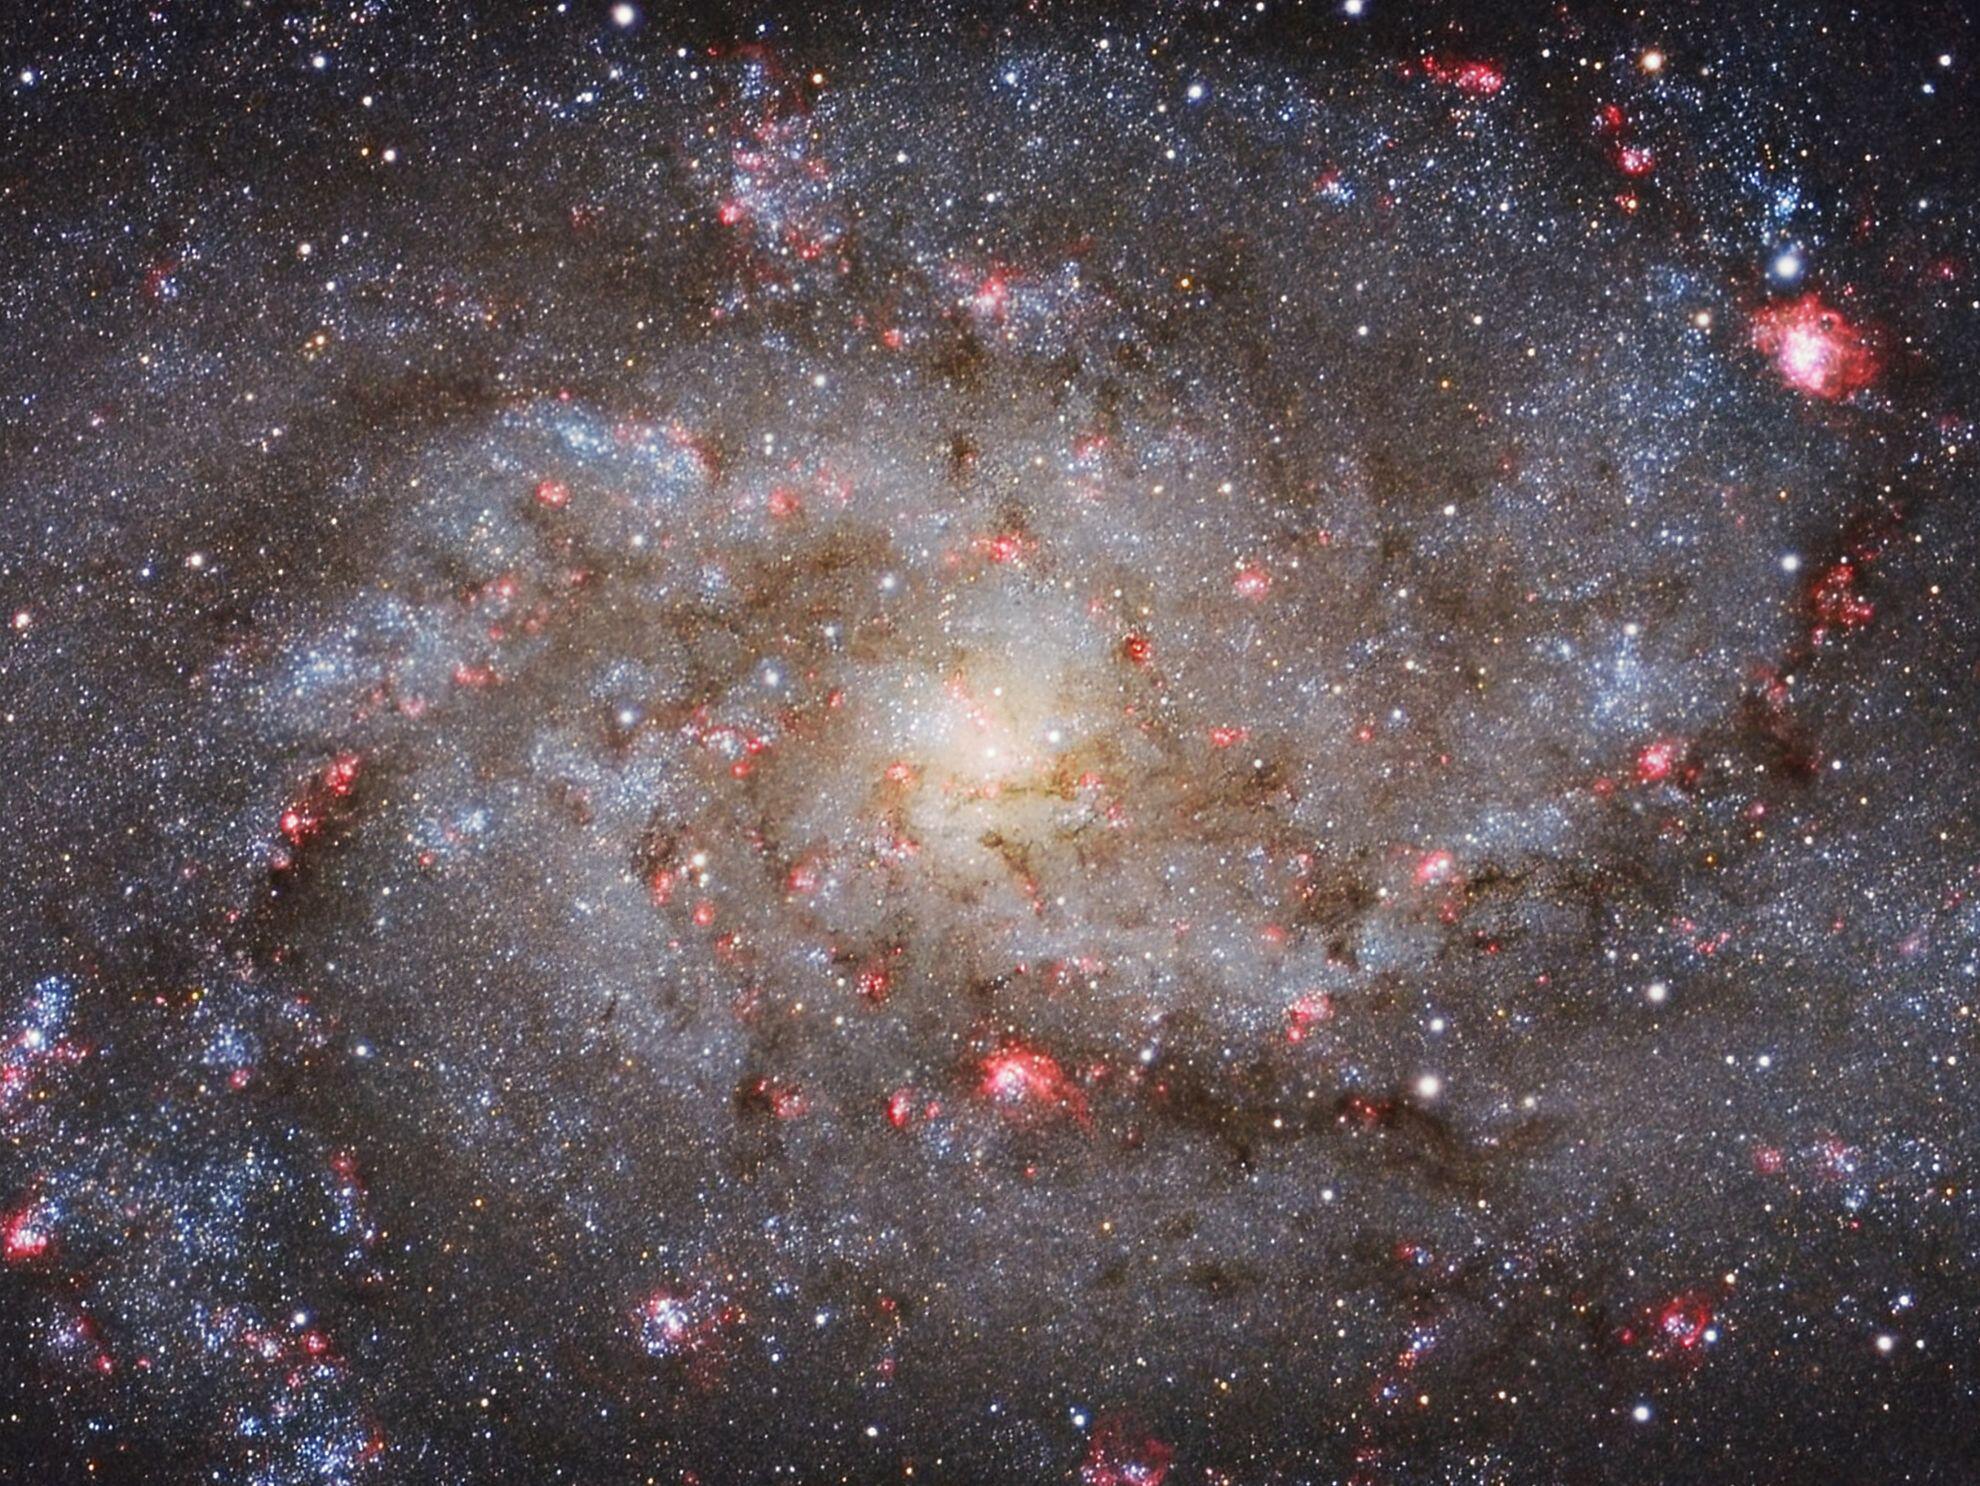 Bild zu Michael van Doorn (Netherlands) with M33 Core